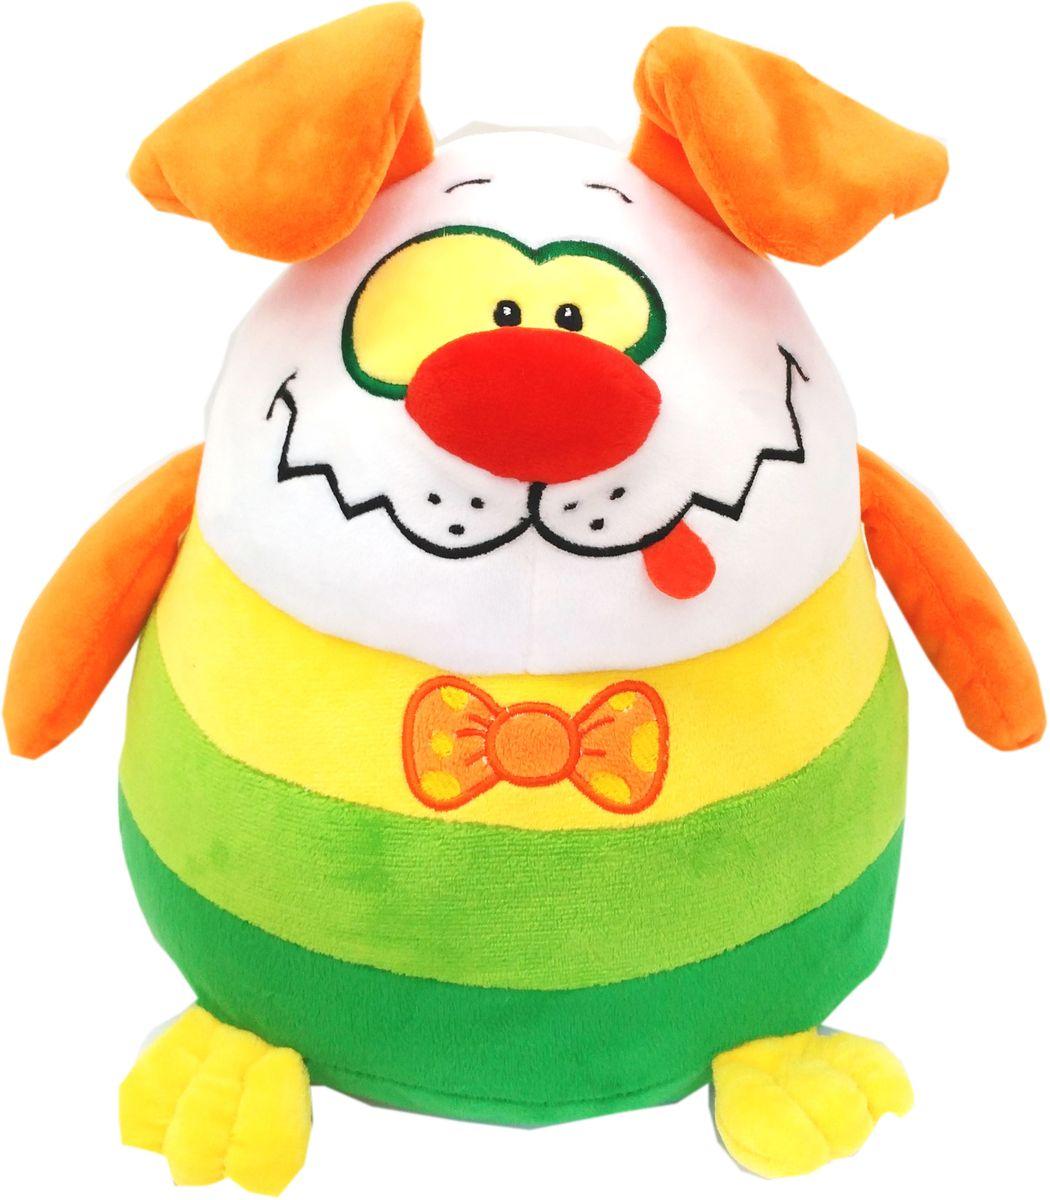 СмолТойс Мягкая игрушка Щенок-шарик 27 см мягкая игрушка смолтойс щенок рокки 52 см молочная